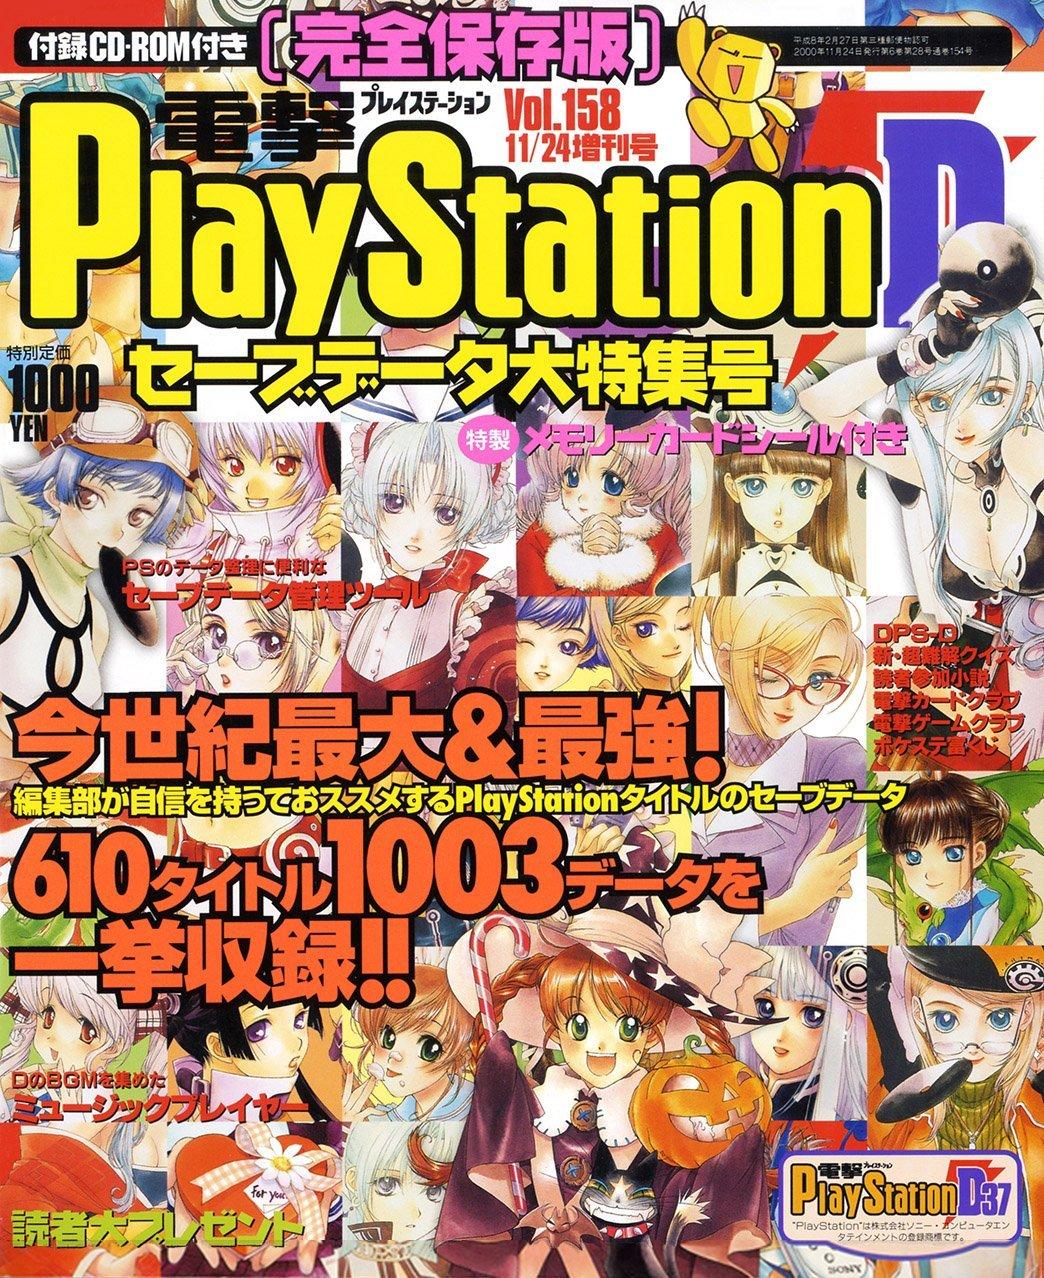 Dengeki PlayStation 158 (November 24, 2000)